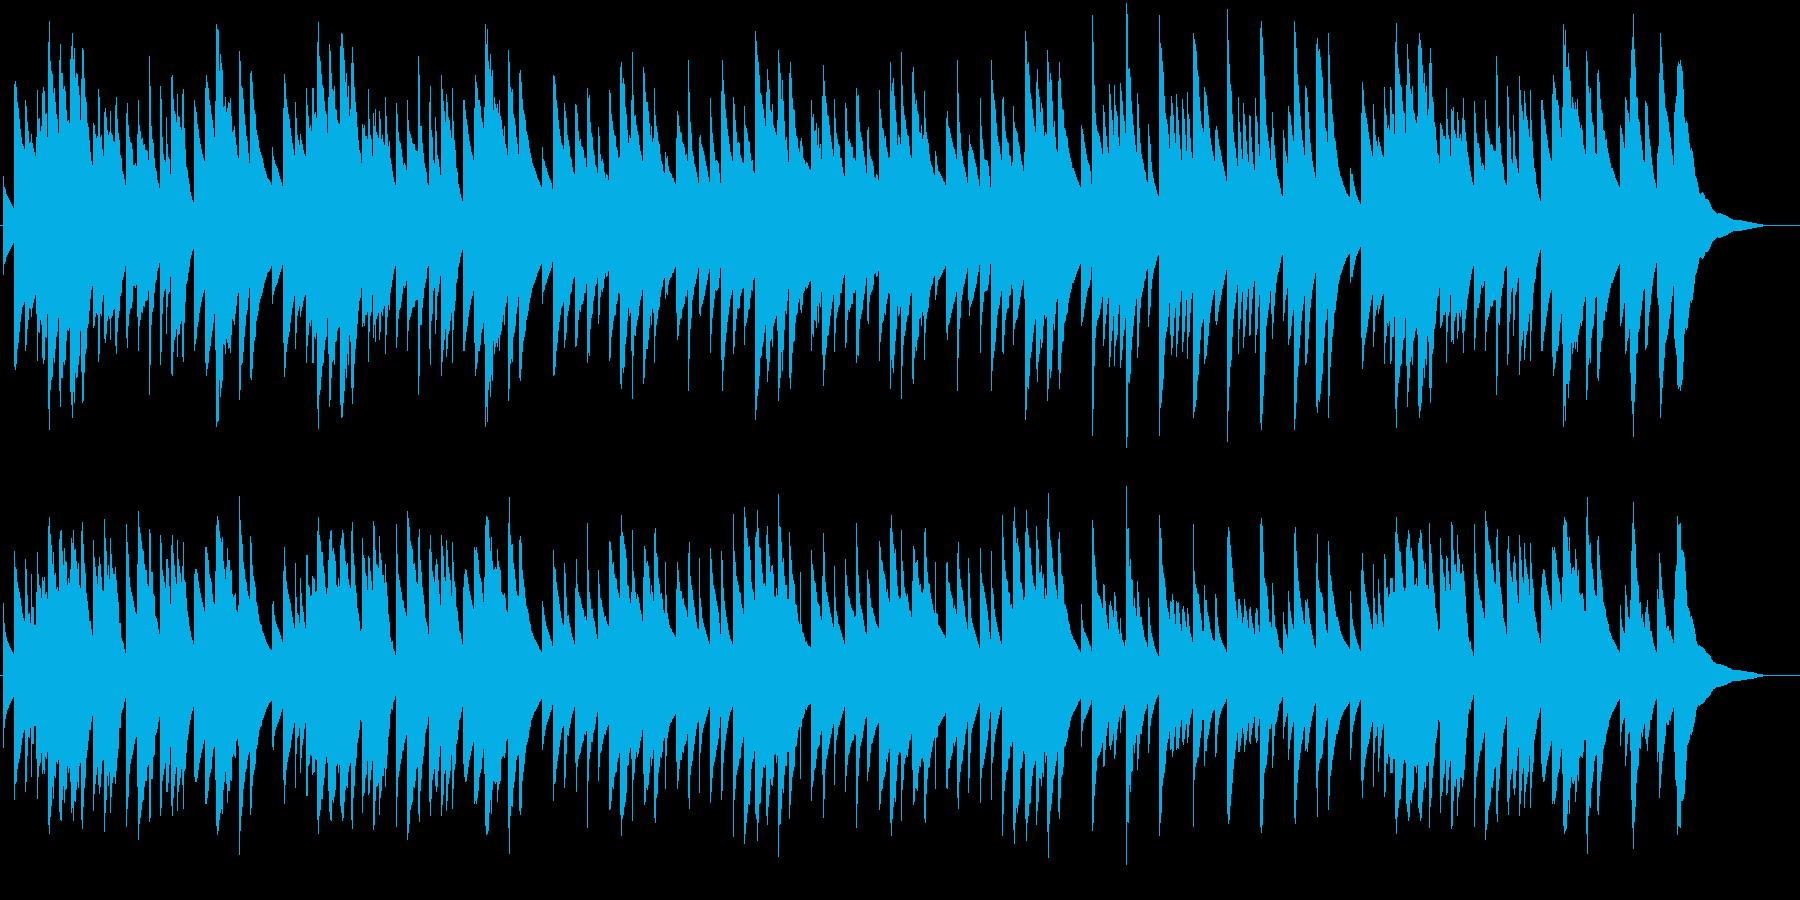 クリスマス定番曲のオルゴールバージョンの再生済みの波形